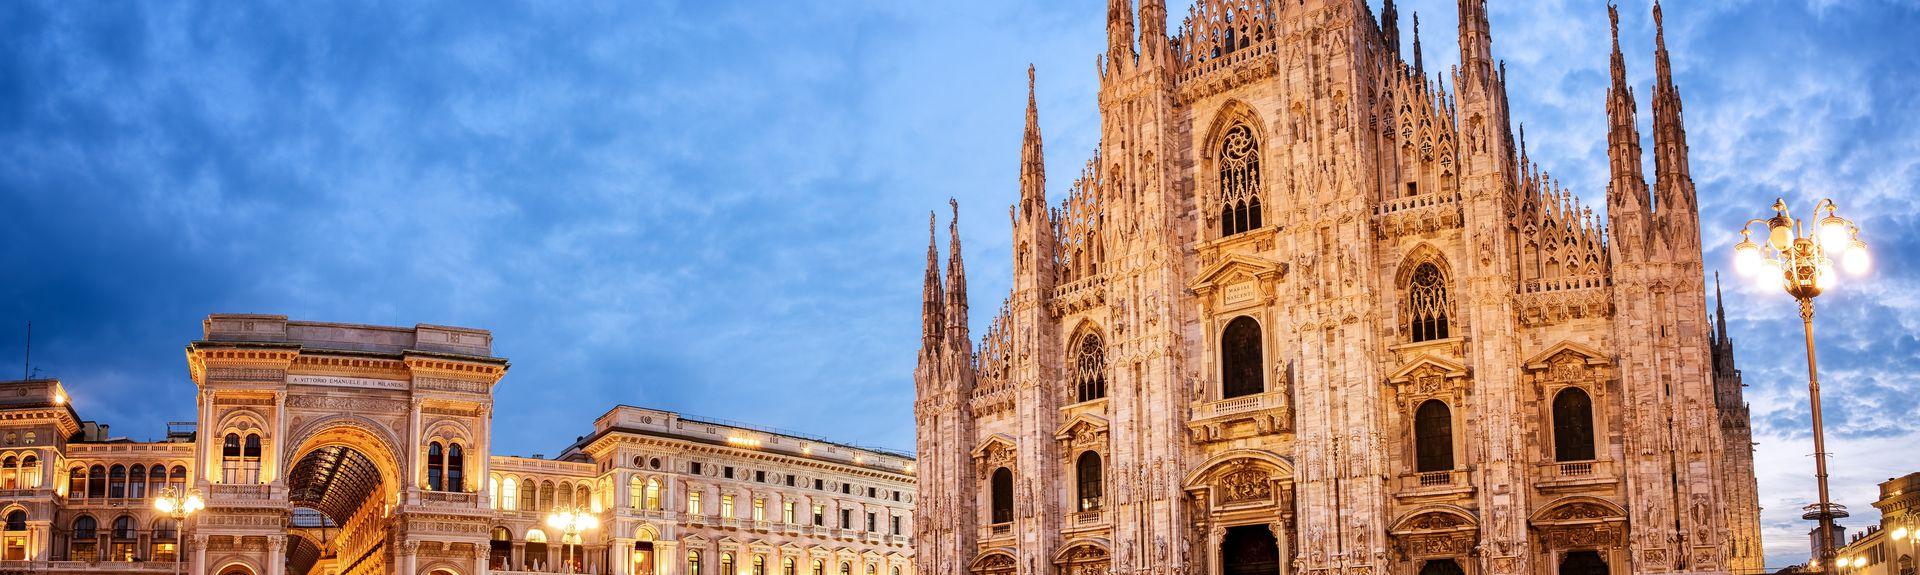 Milan, MI, USA